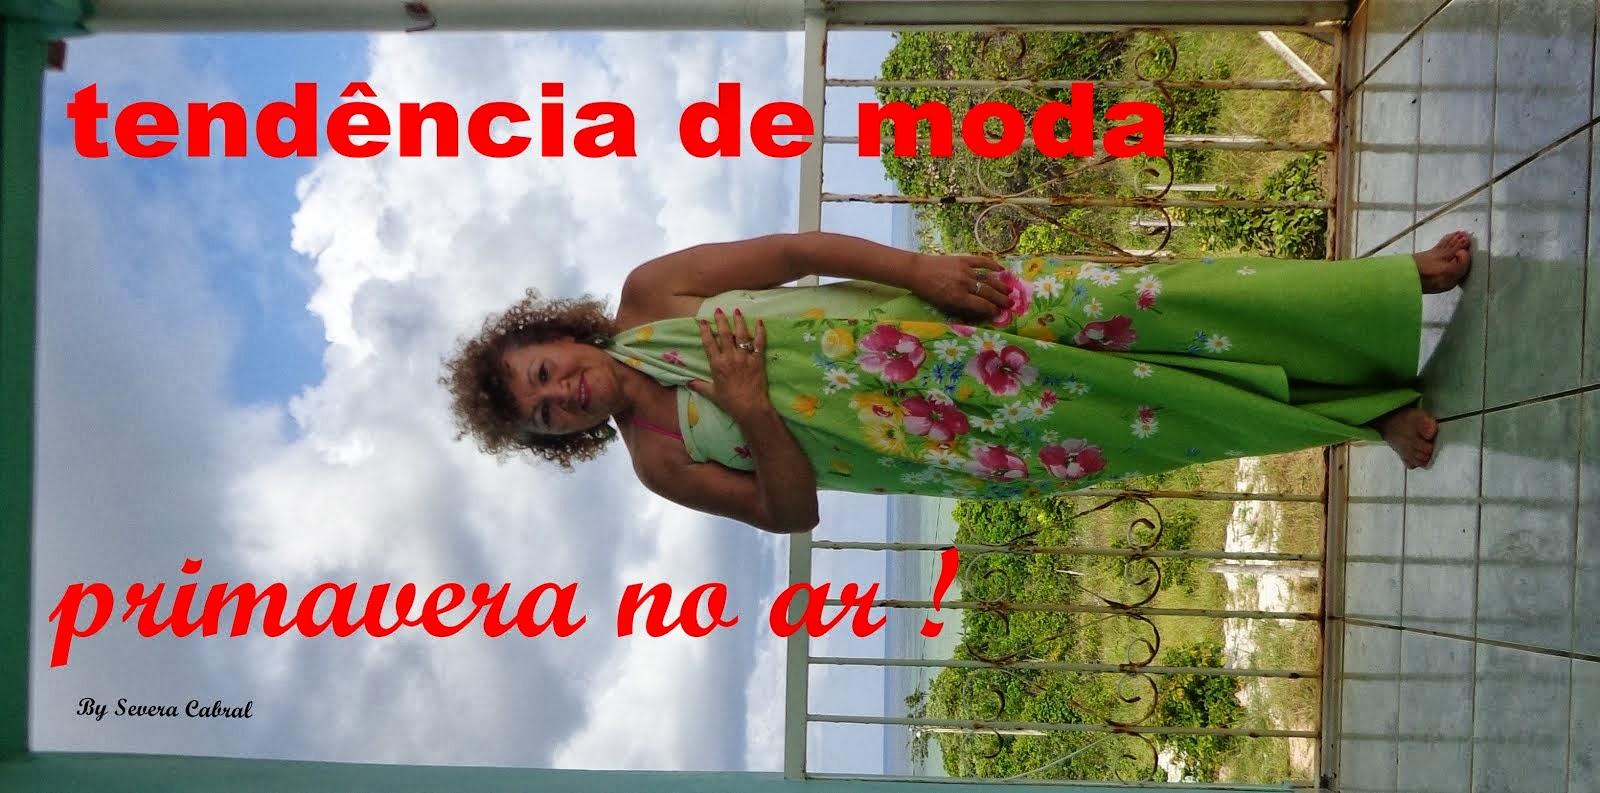 TENDÊNCIA DE MODA